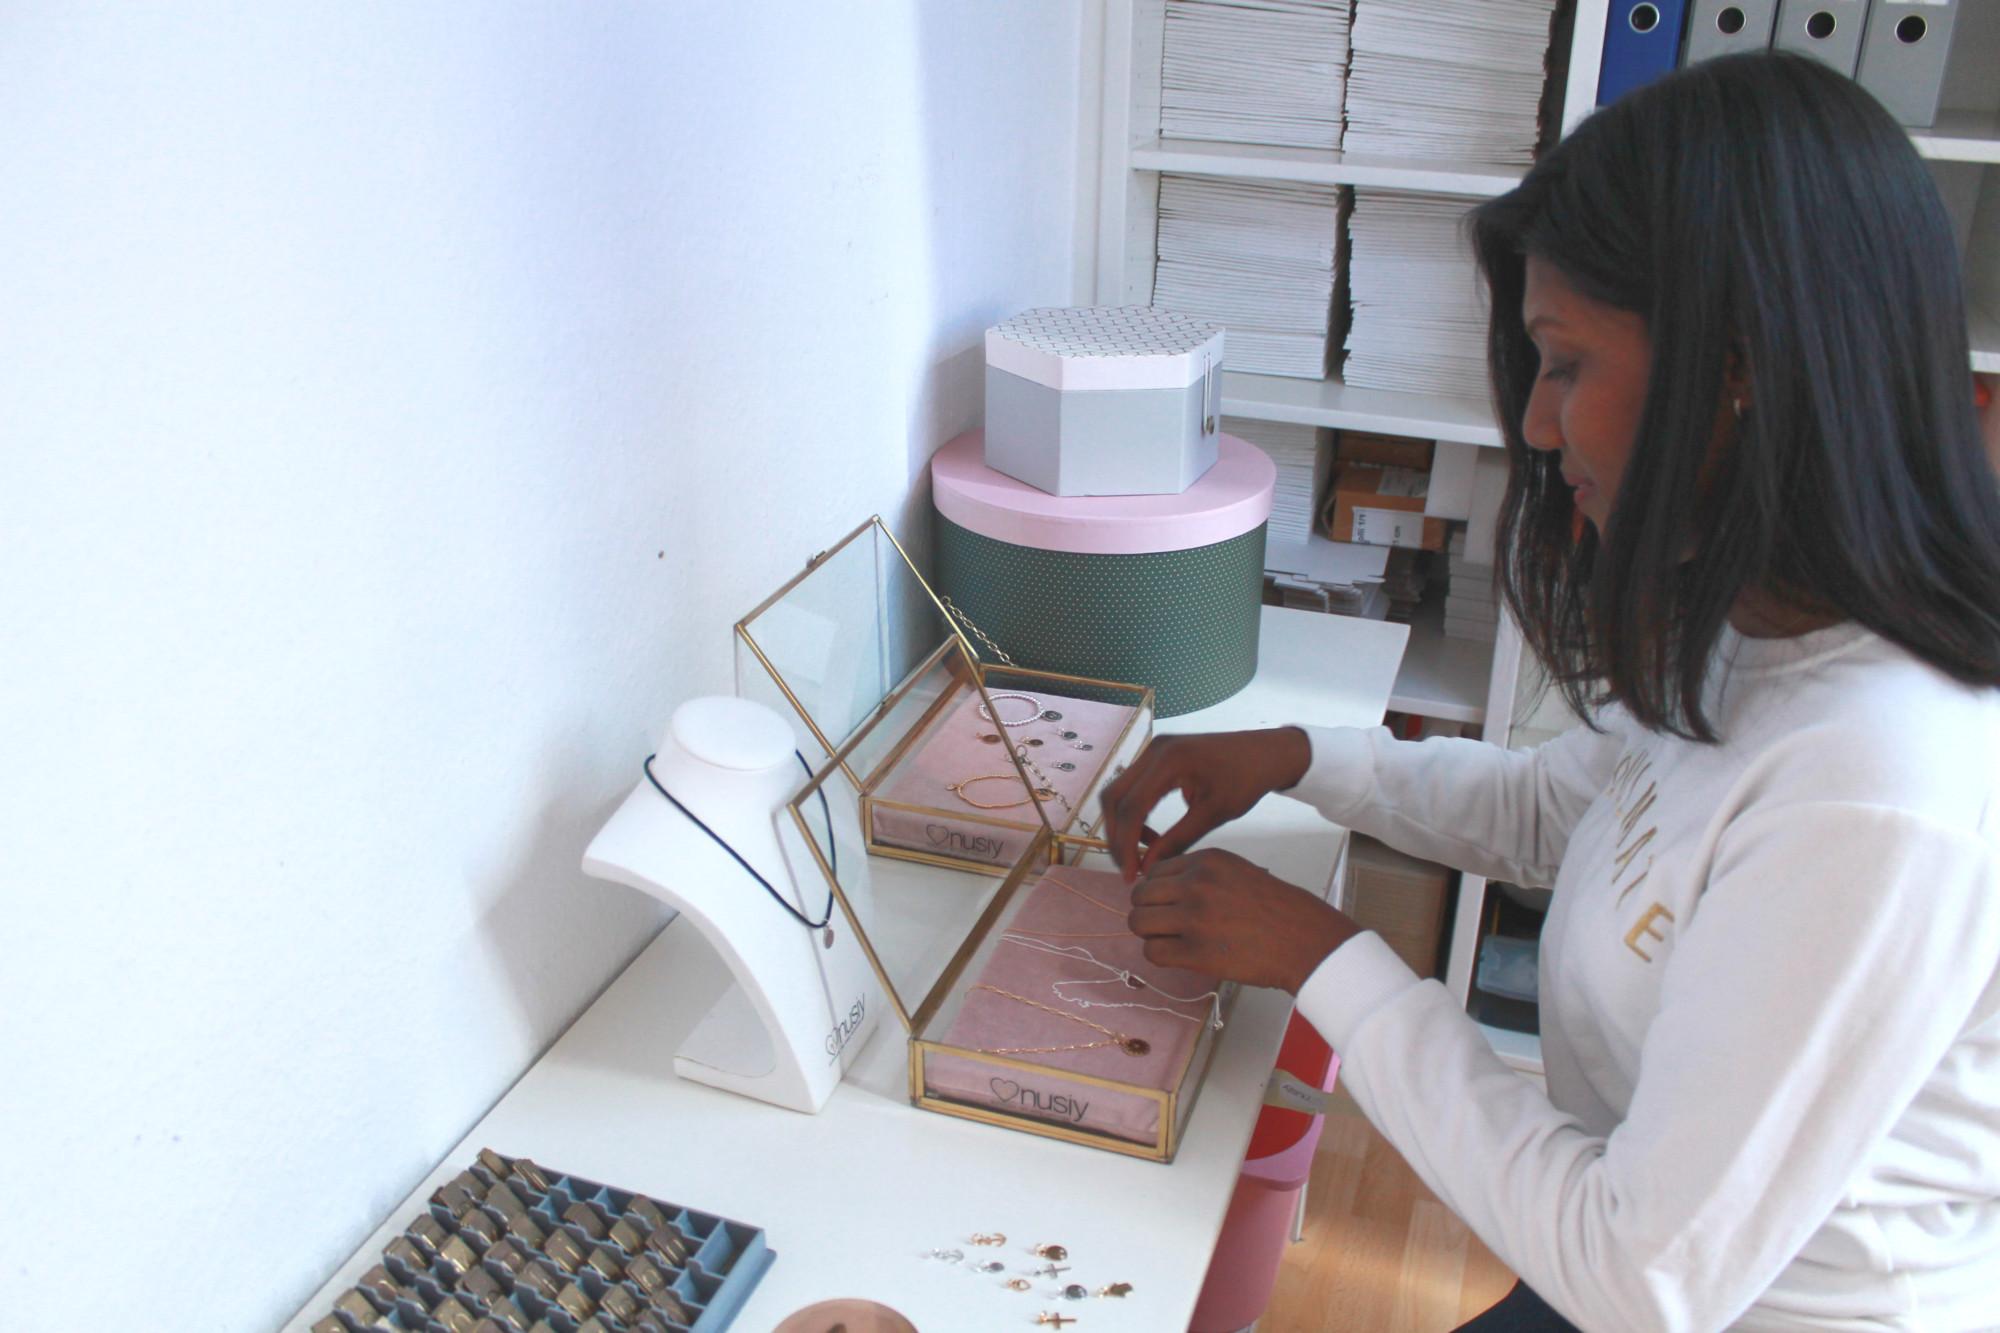 Anusiya sortiert den Schmuck den sie in ihrem Startup selber herstellt.